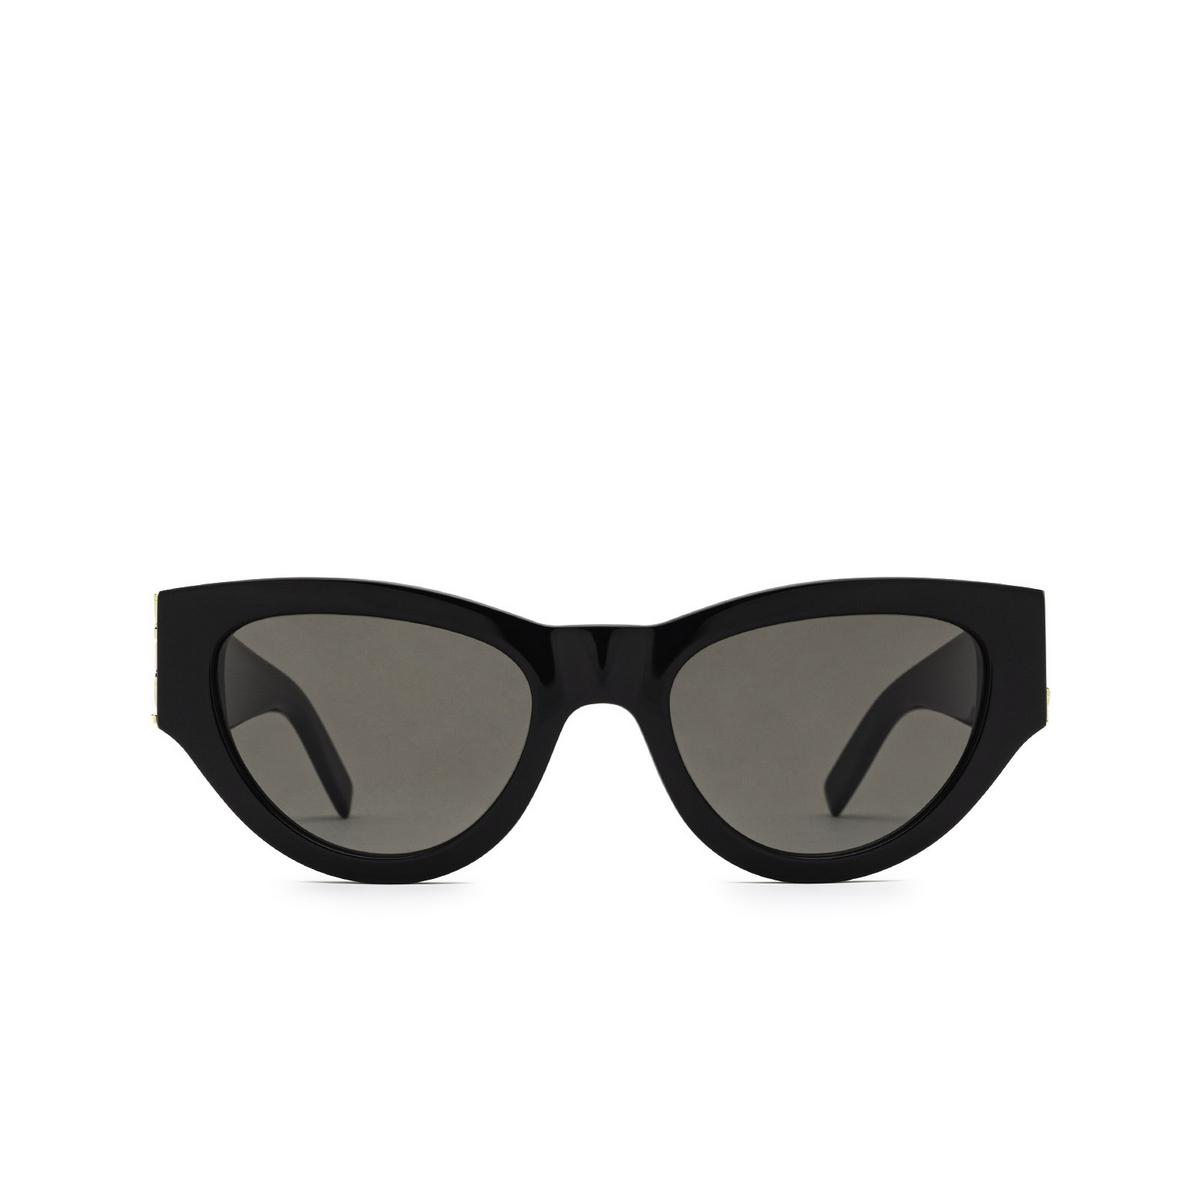 Saint Laurent® Cat-eye Sunglasses: SL M94 color Black 001 - front view.